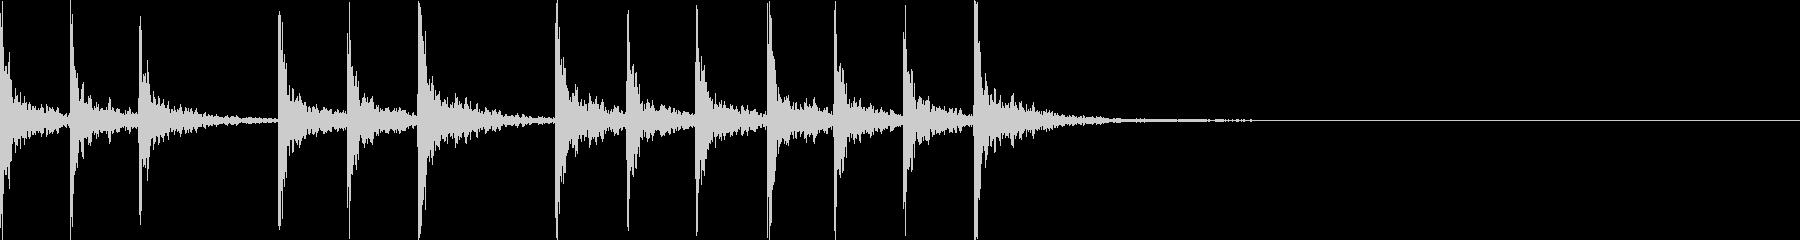 拍子木 三三七拍子 337拍子 和楽器の未再生の波形